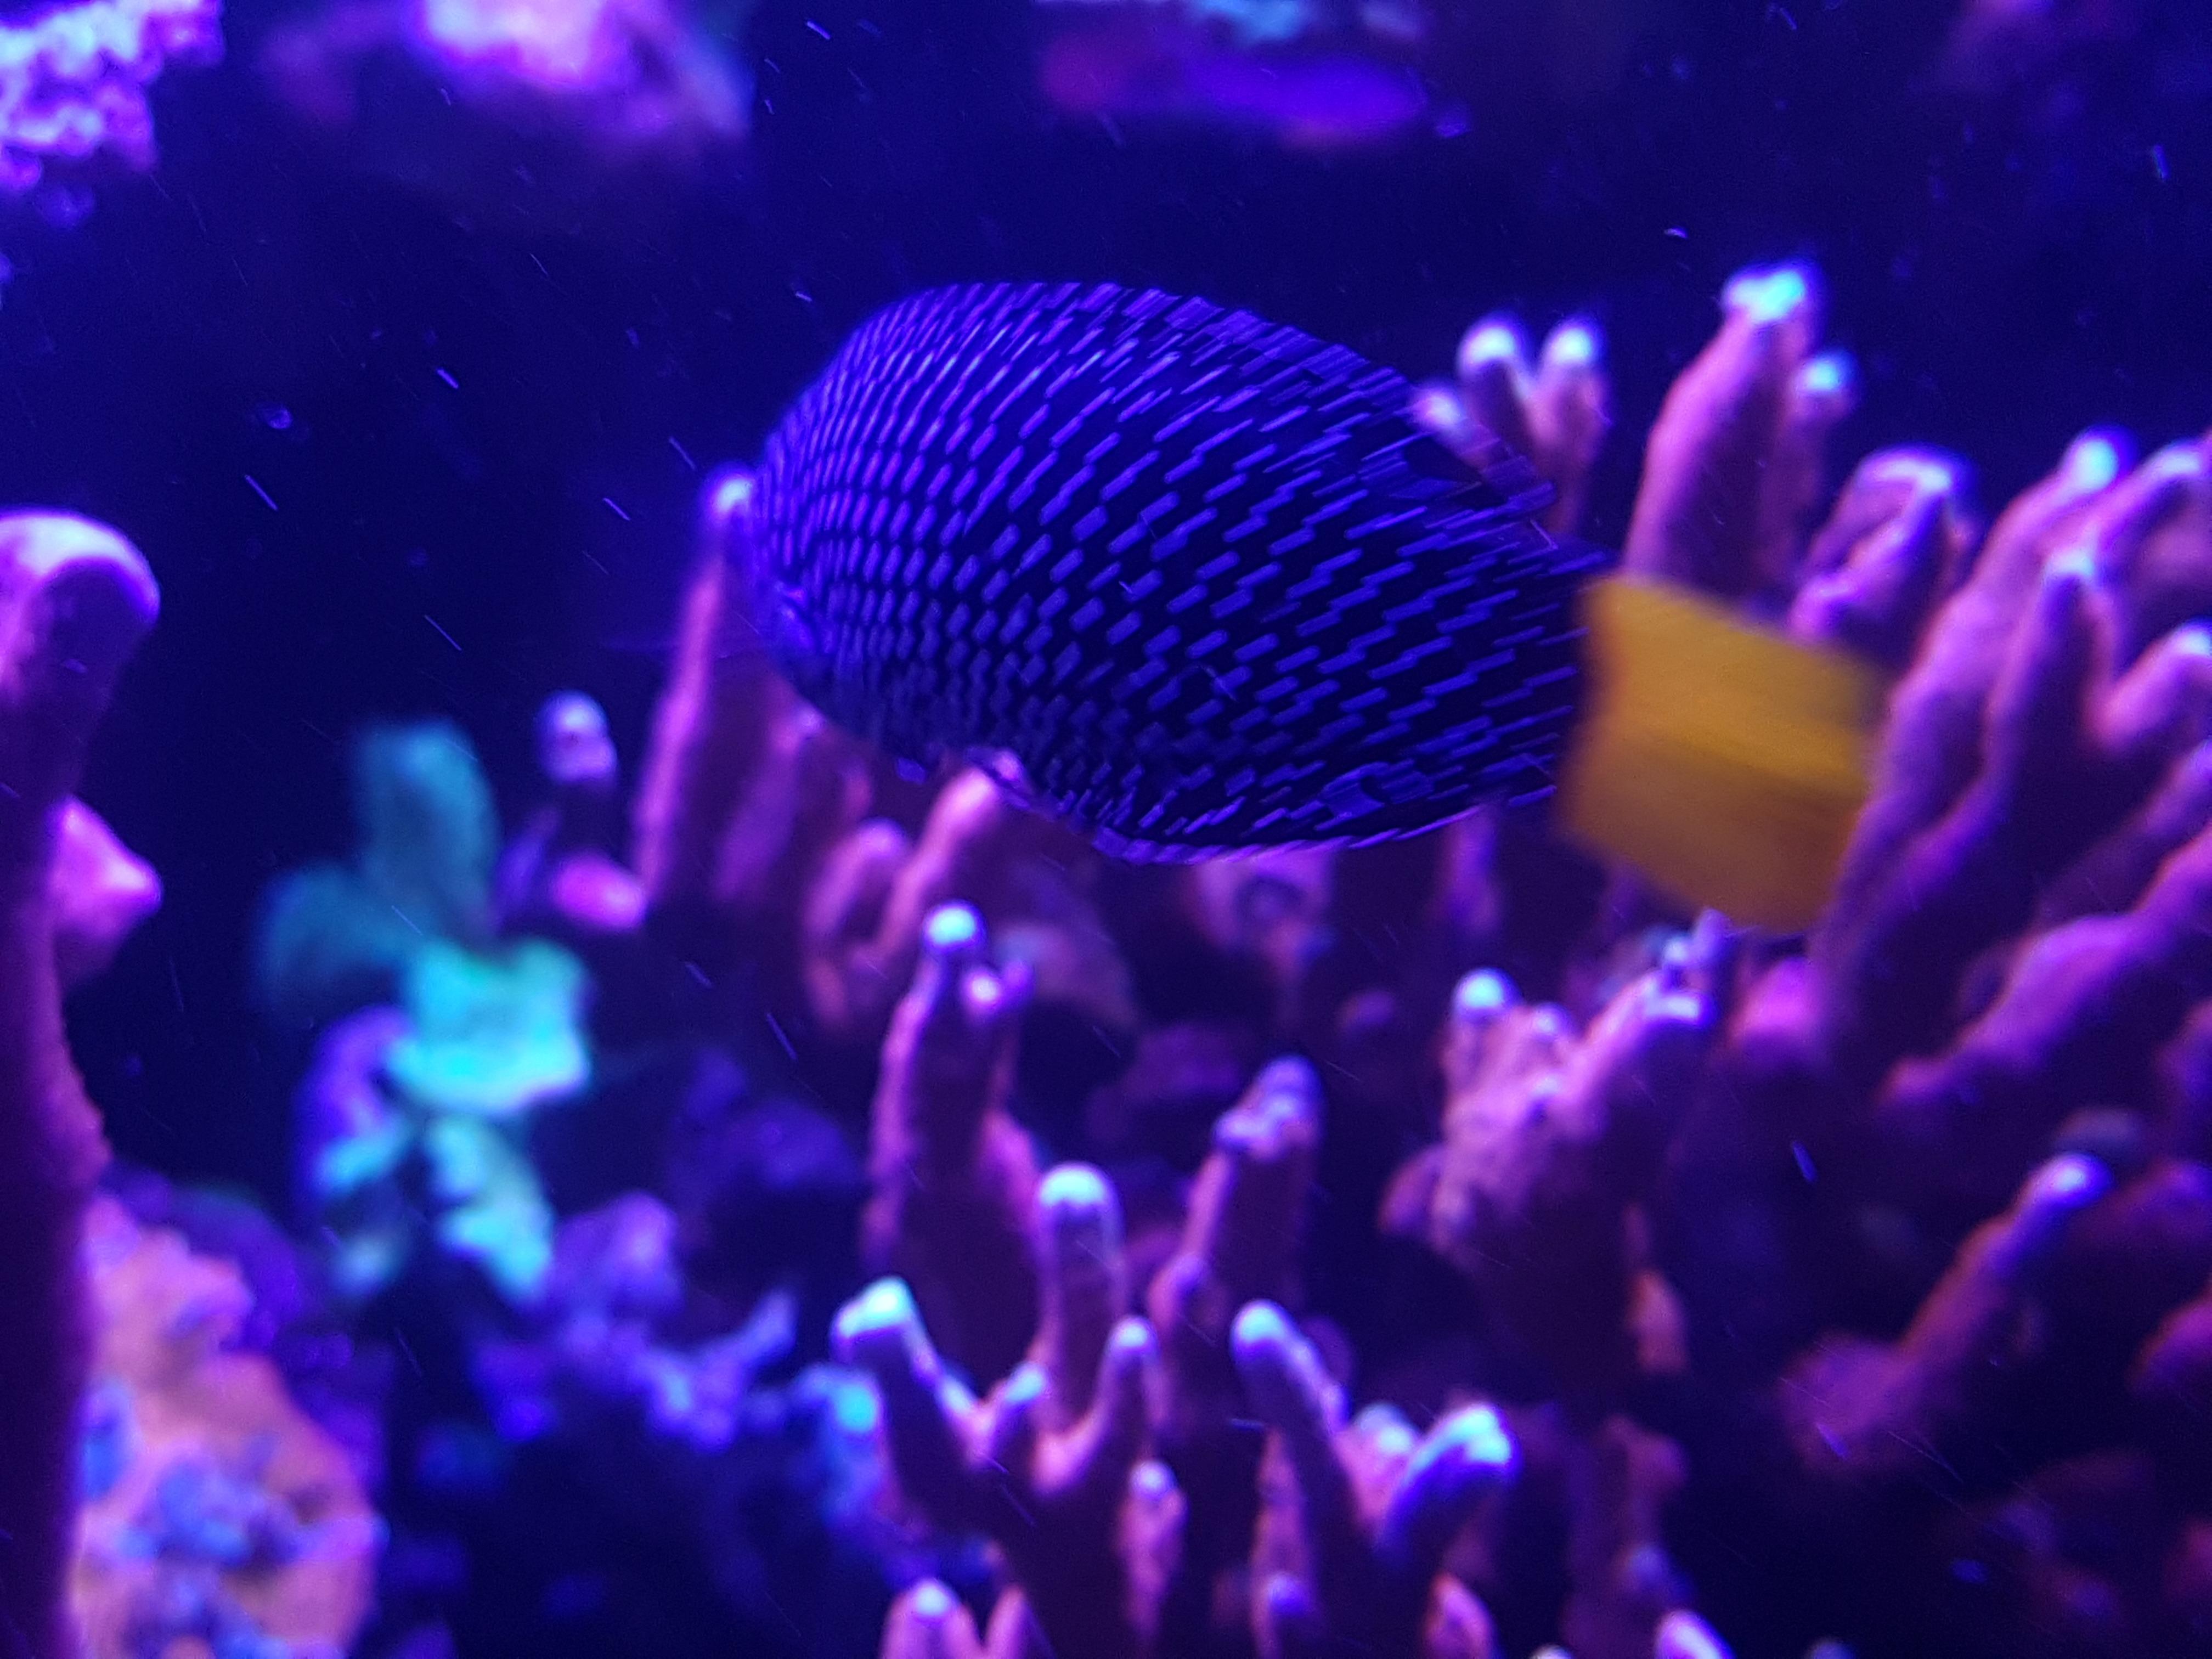 해양 생물 암초 탱크